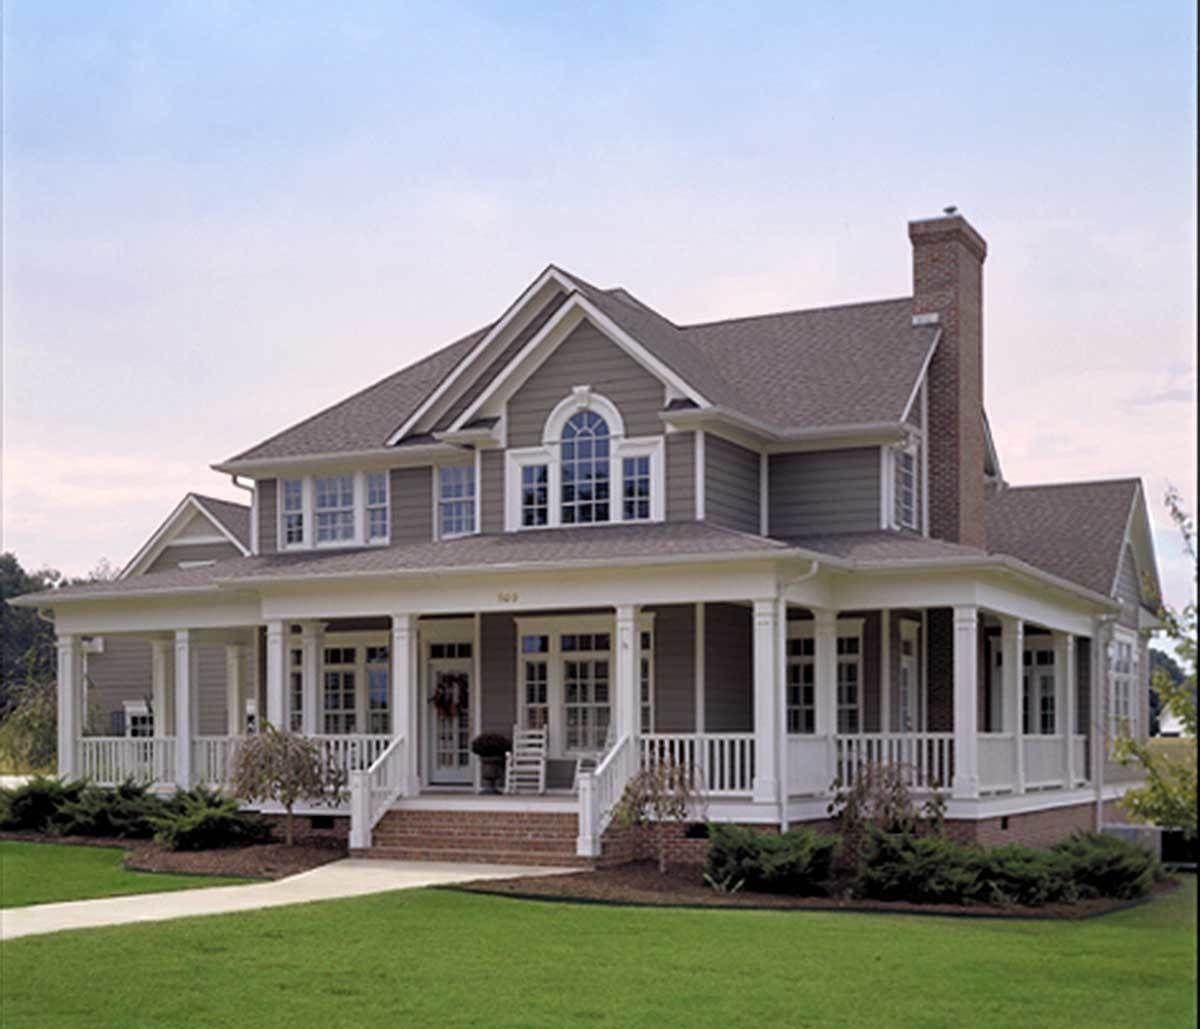 Plan 16804wg country farmhouse with wraparound porch